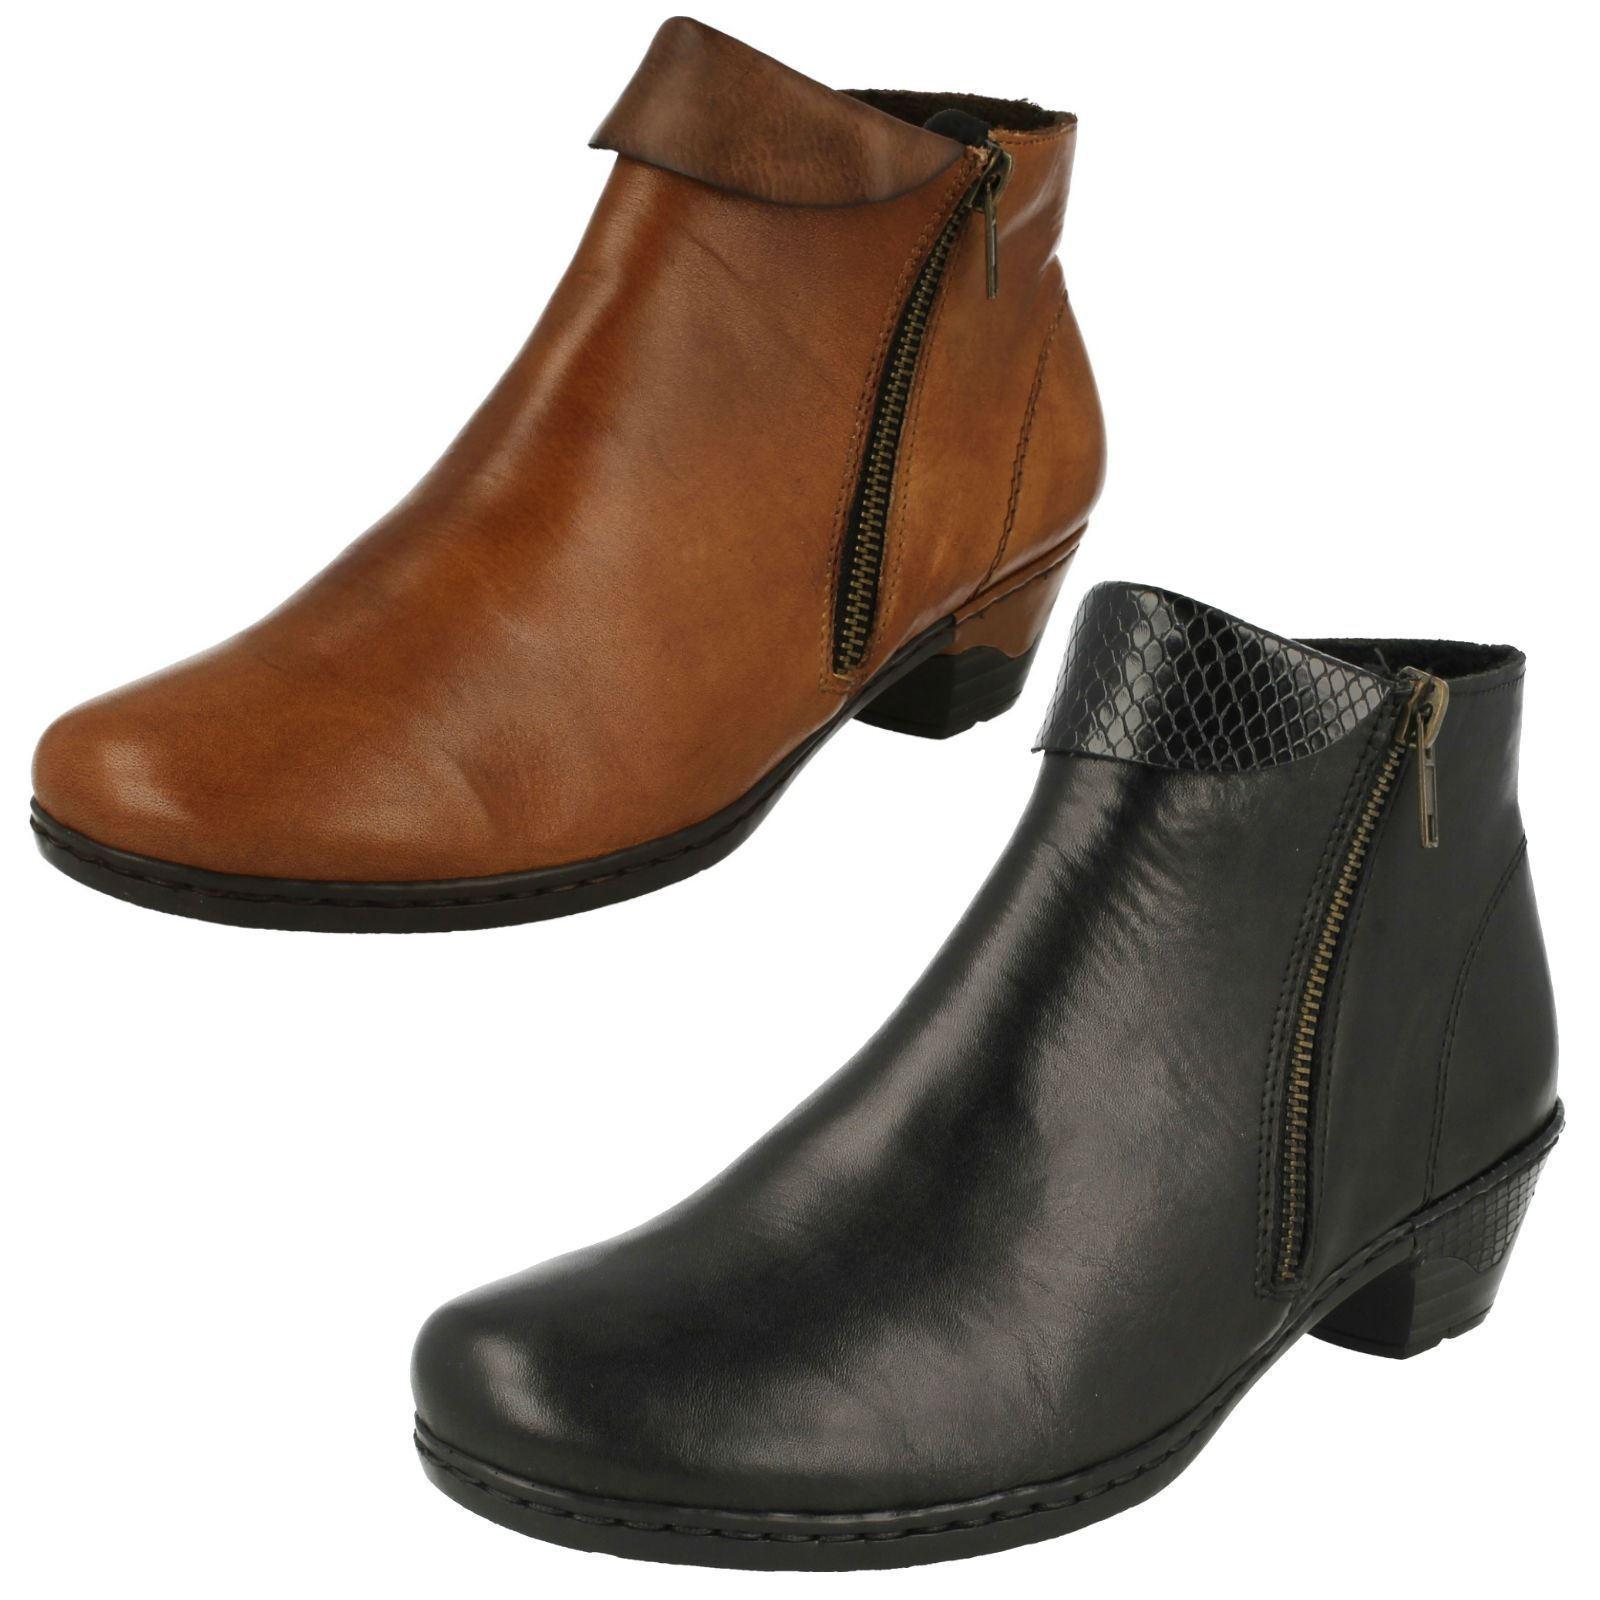 Rieker botas al al al tobillo Damas 76961  Felices compras